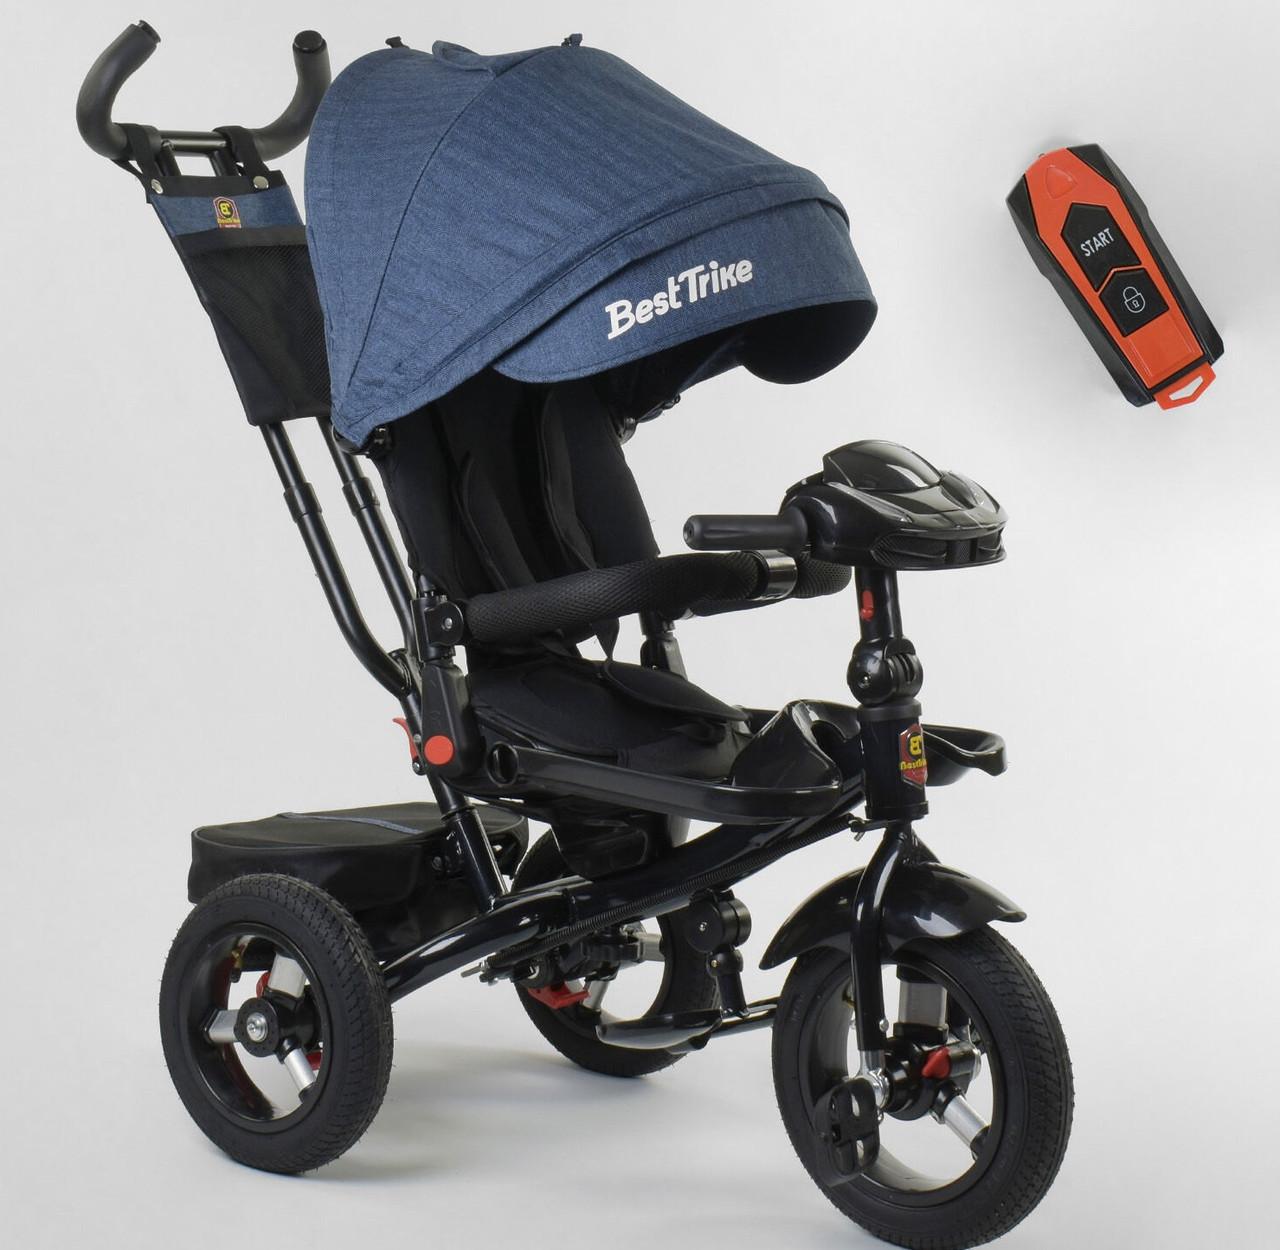 Велосипед 3-х колёсный 6088 F - 09-504 Best Trike, Надувные колёса поворотное сидение, дитячий велосипед ровер